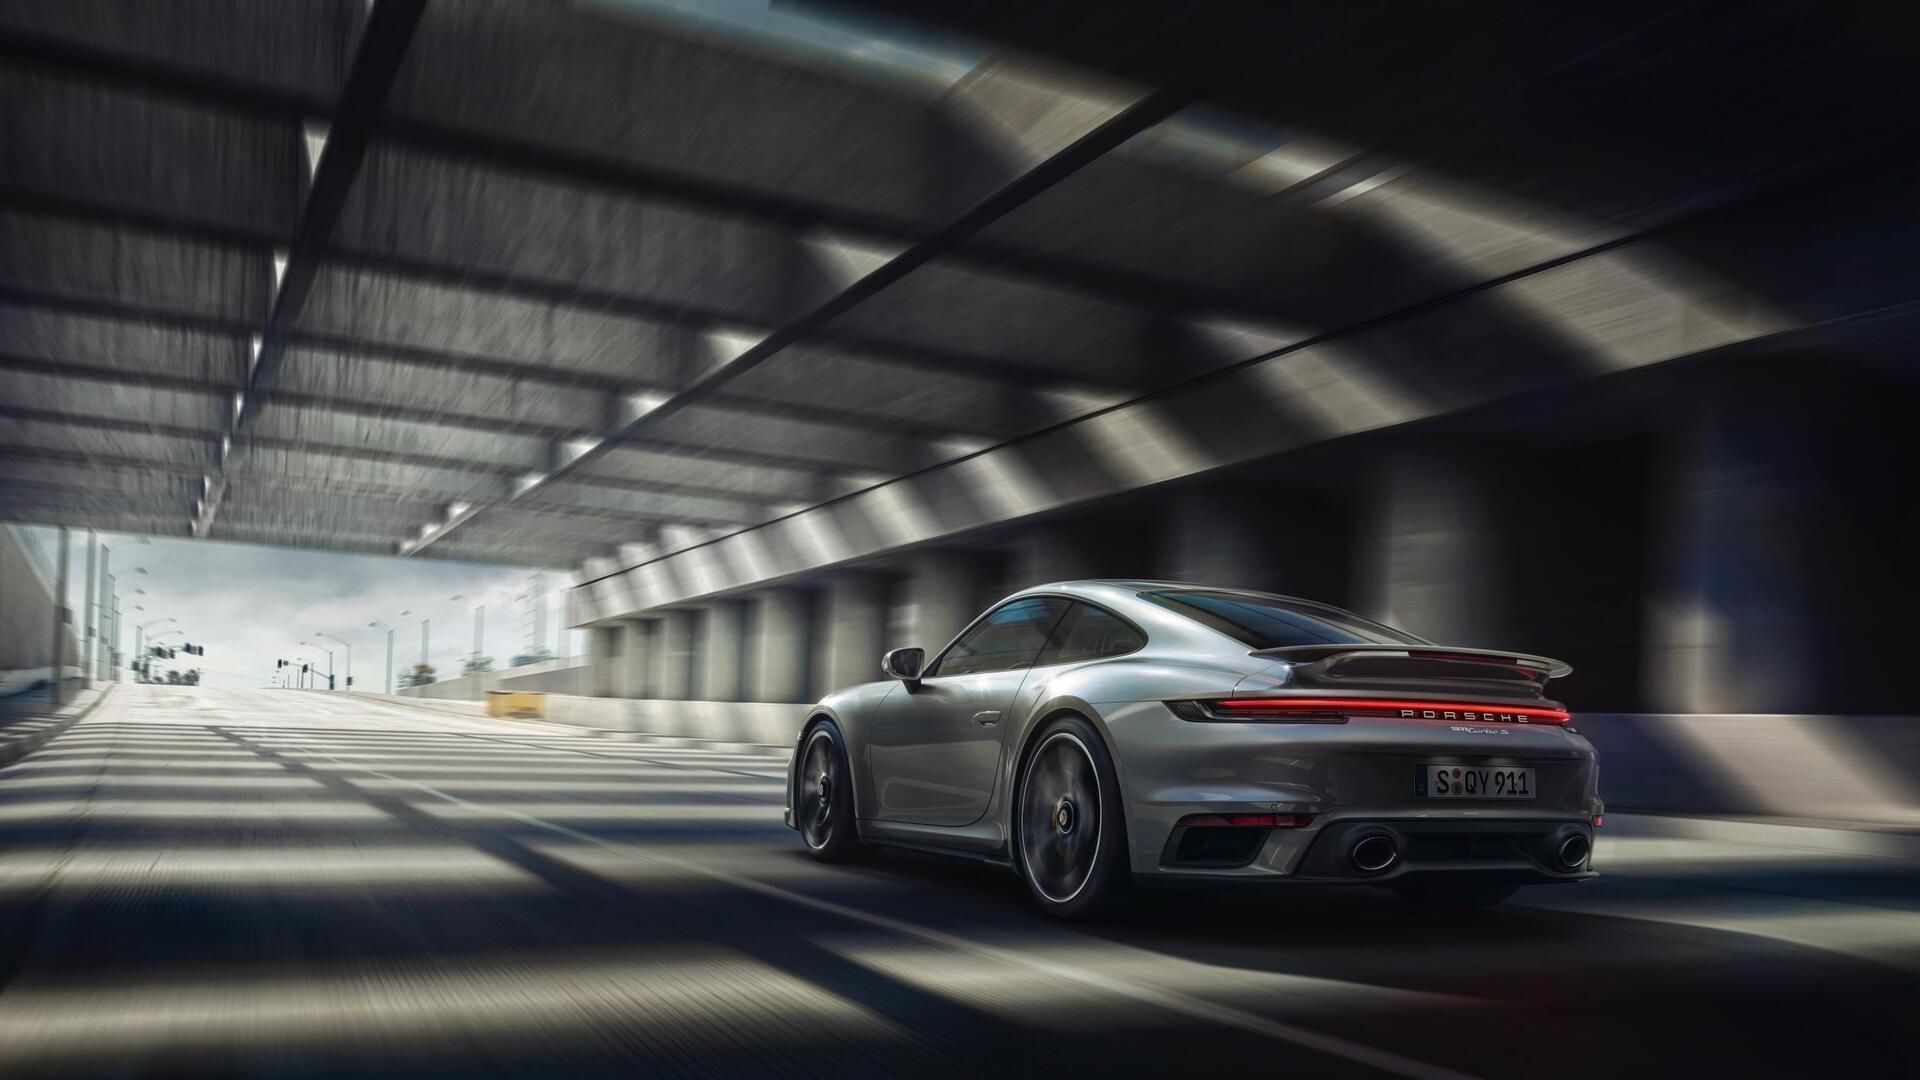 911 Turbo S Coupç 2020 Porsche Ag